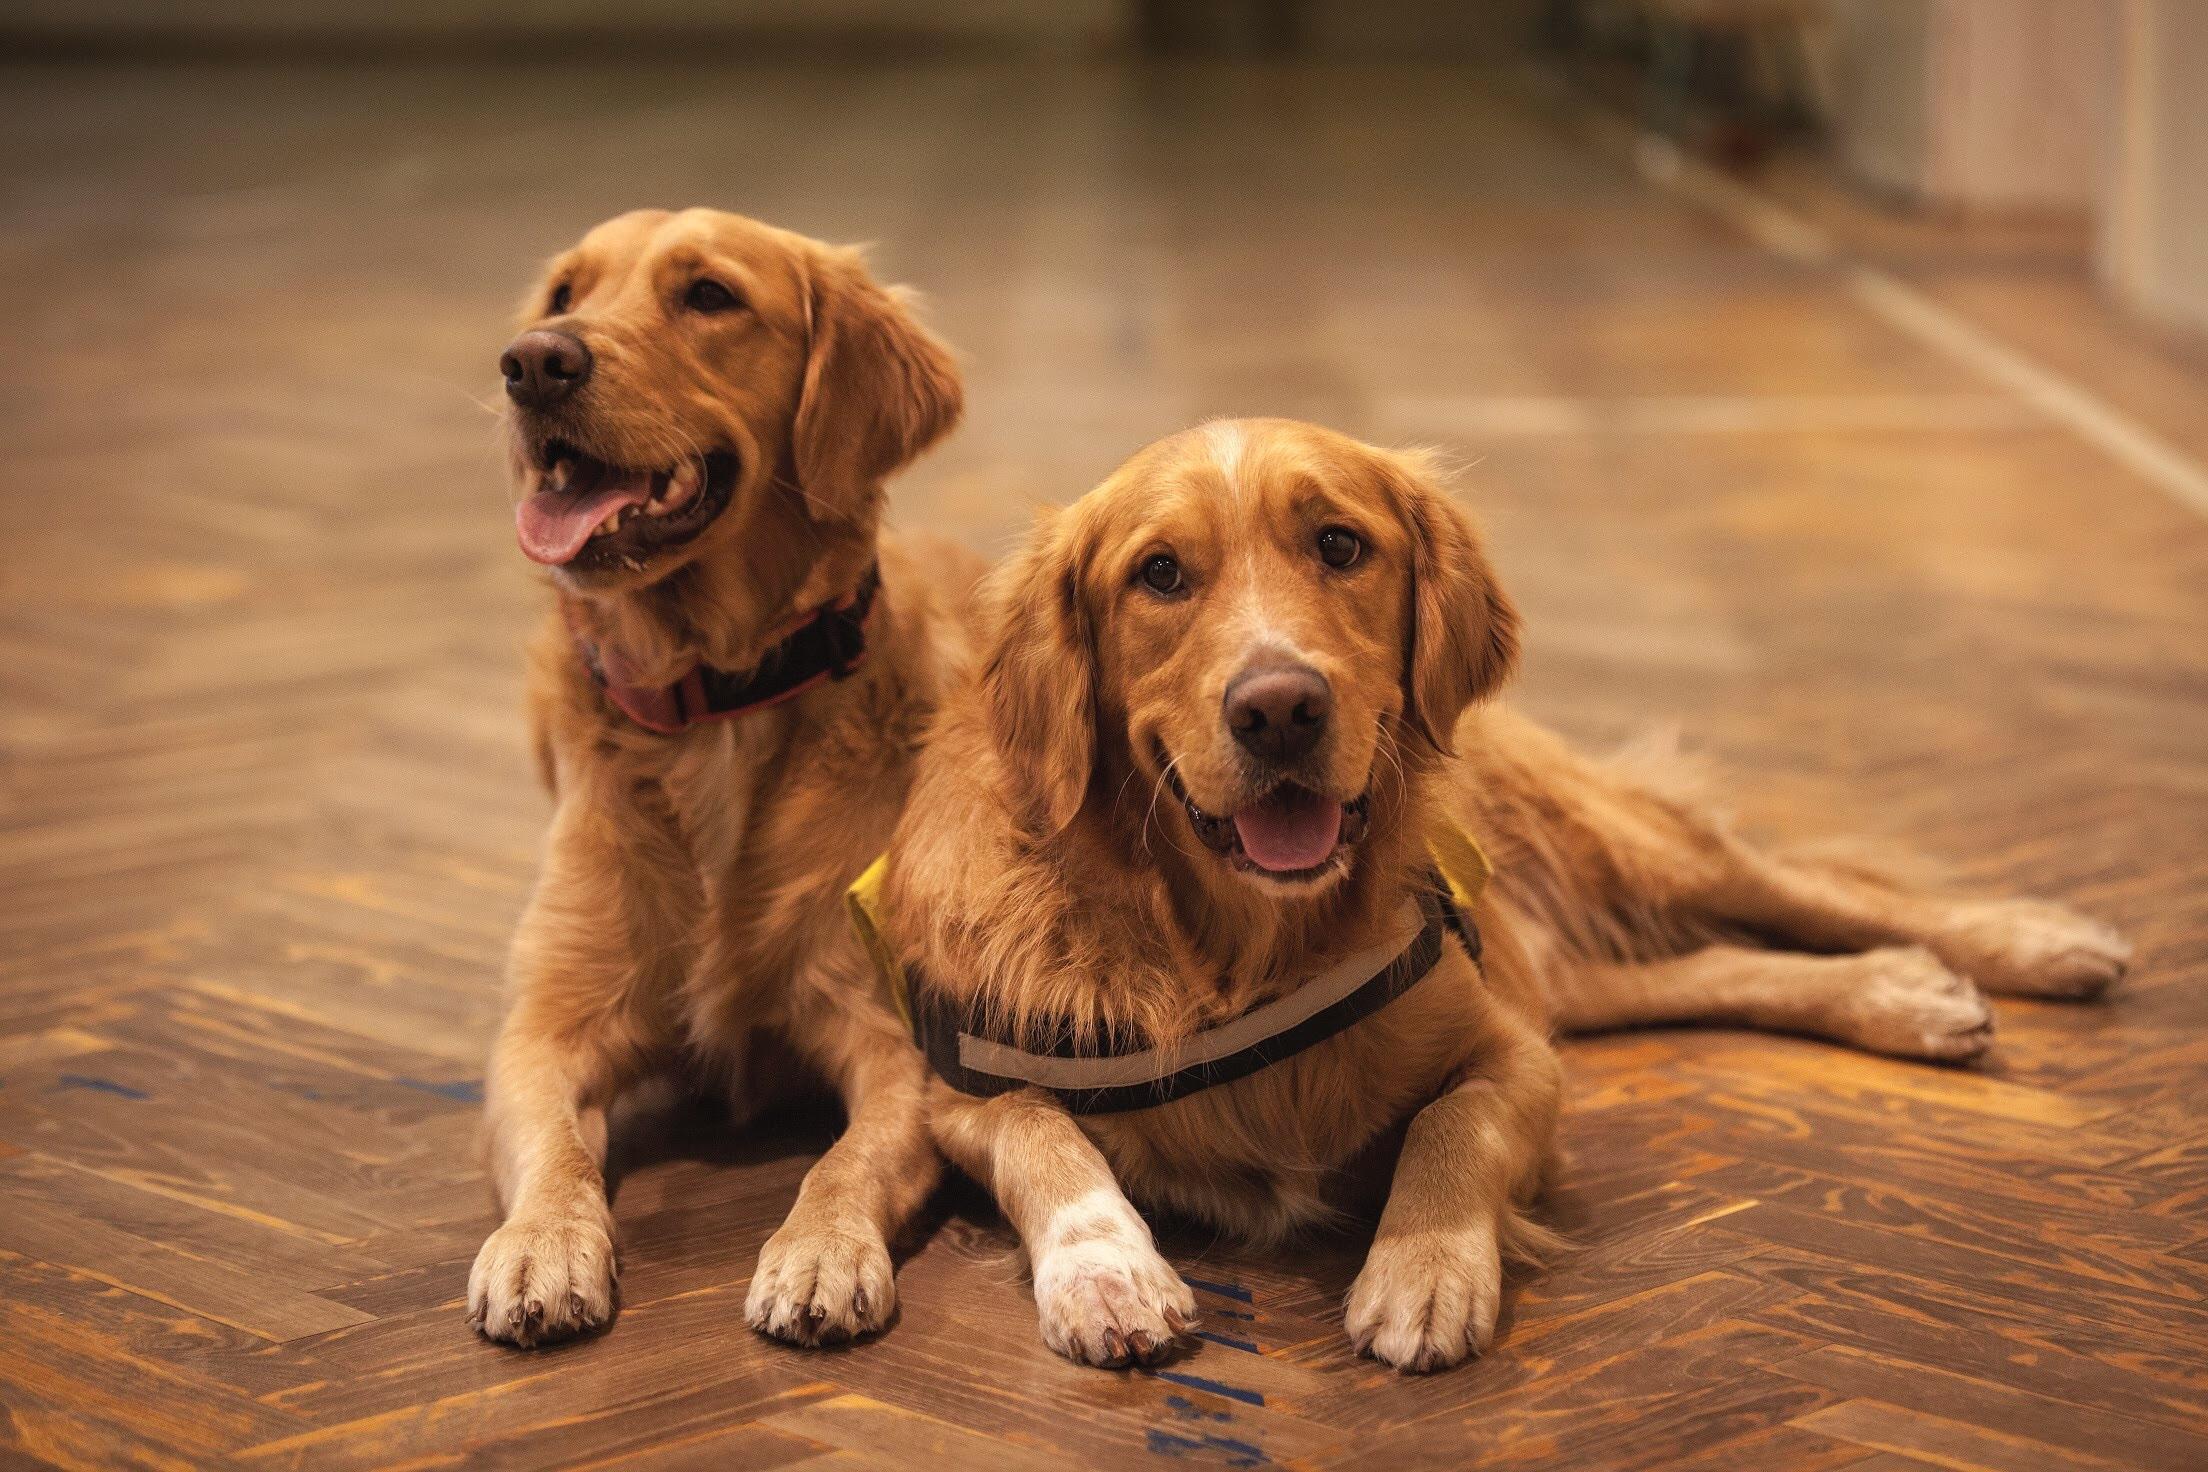 Vila gastronômica recebe encontro de cães golden retriever neste sábado